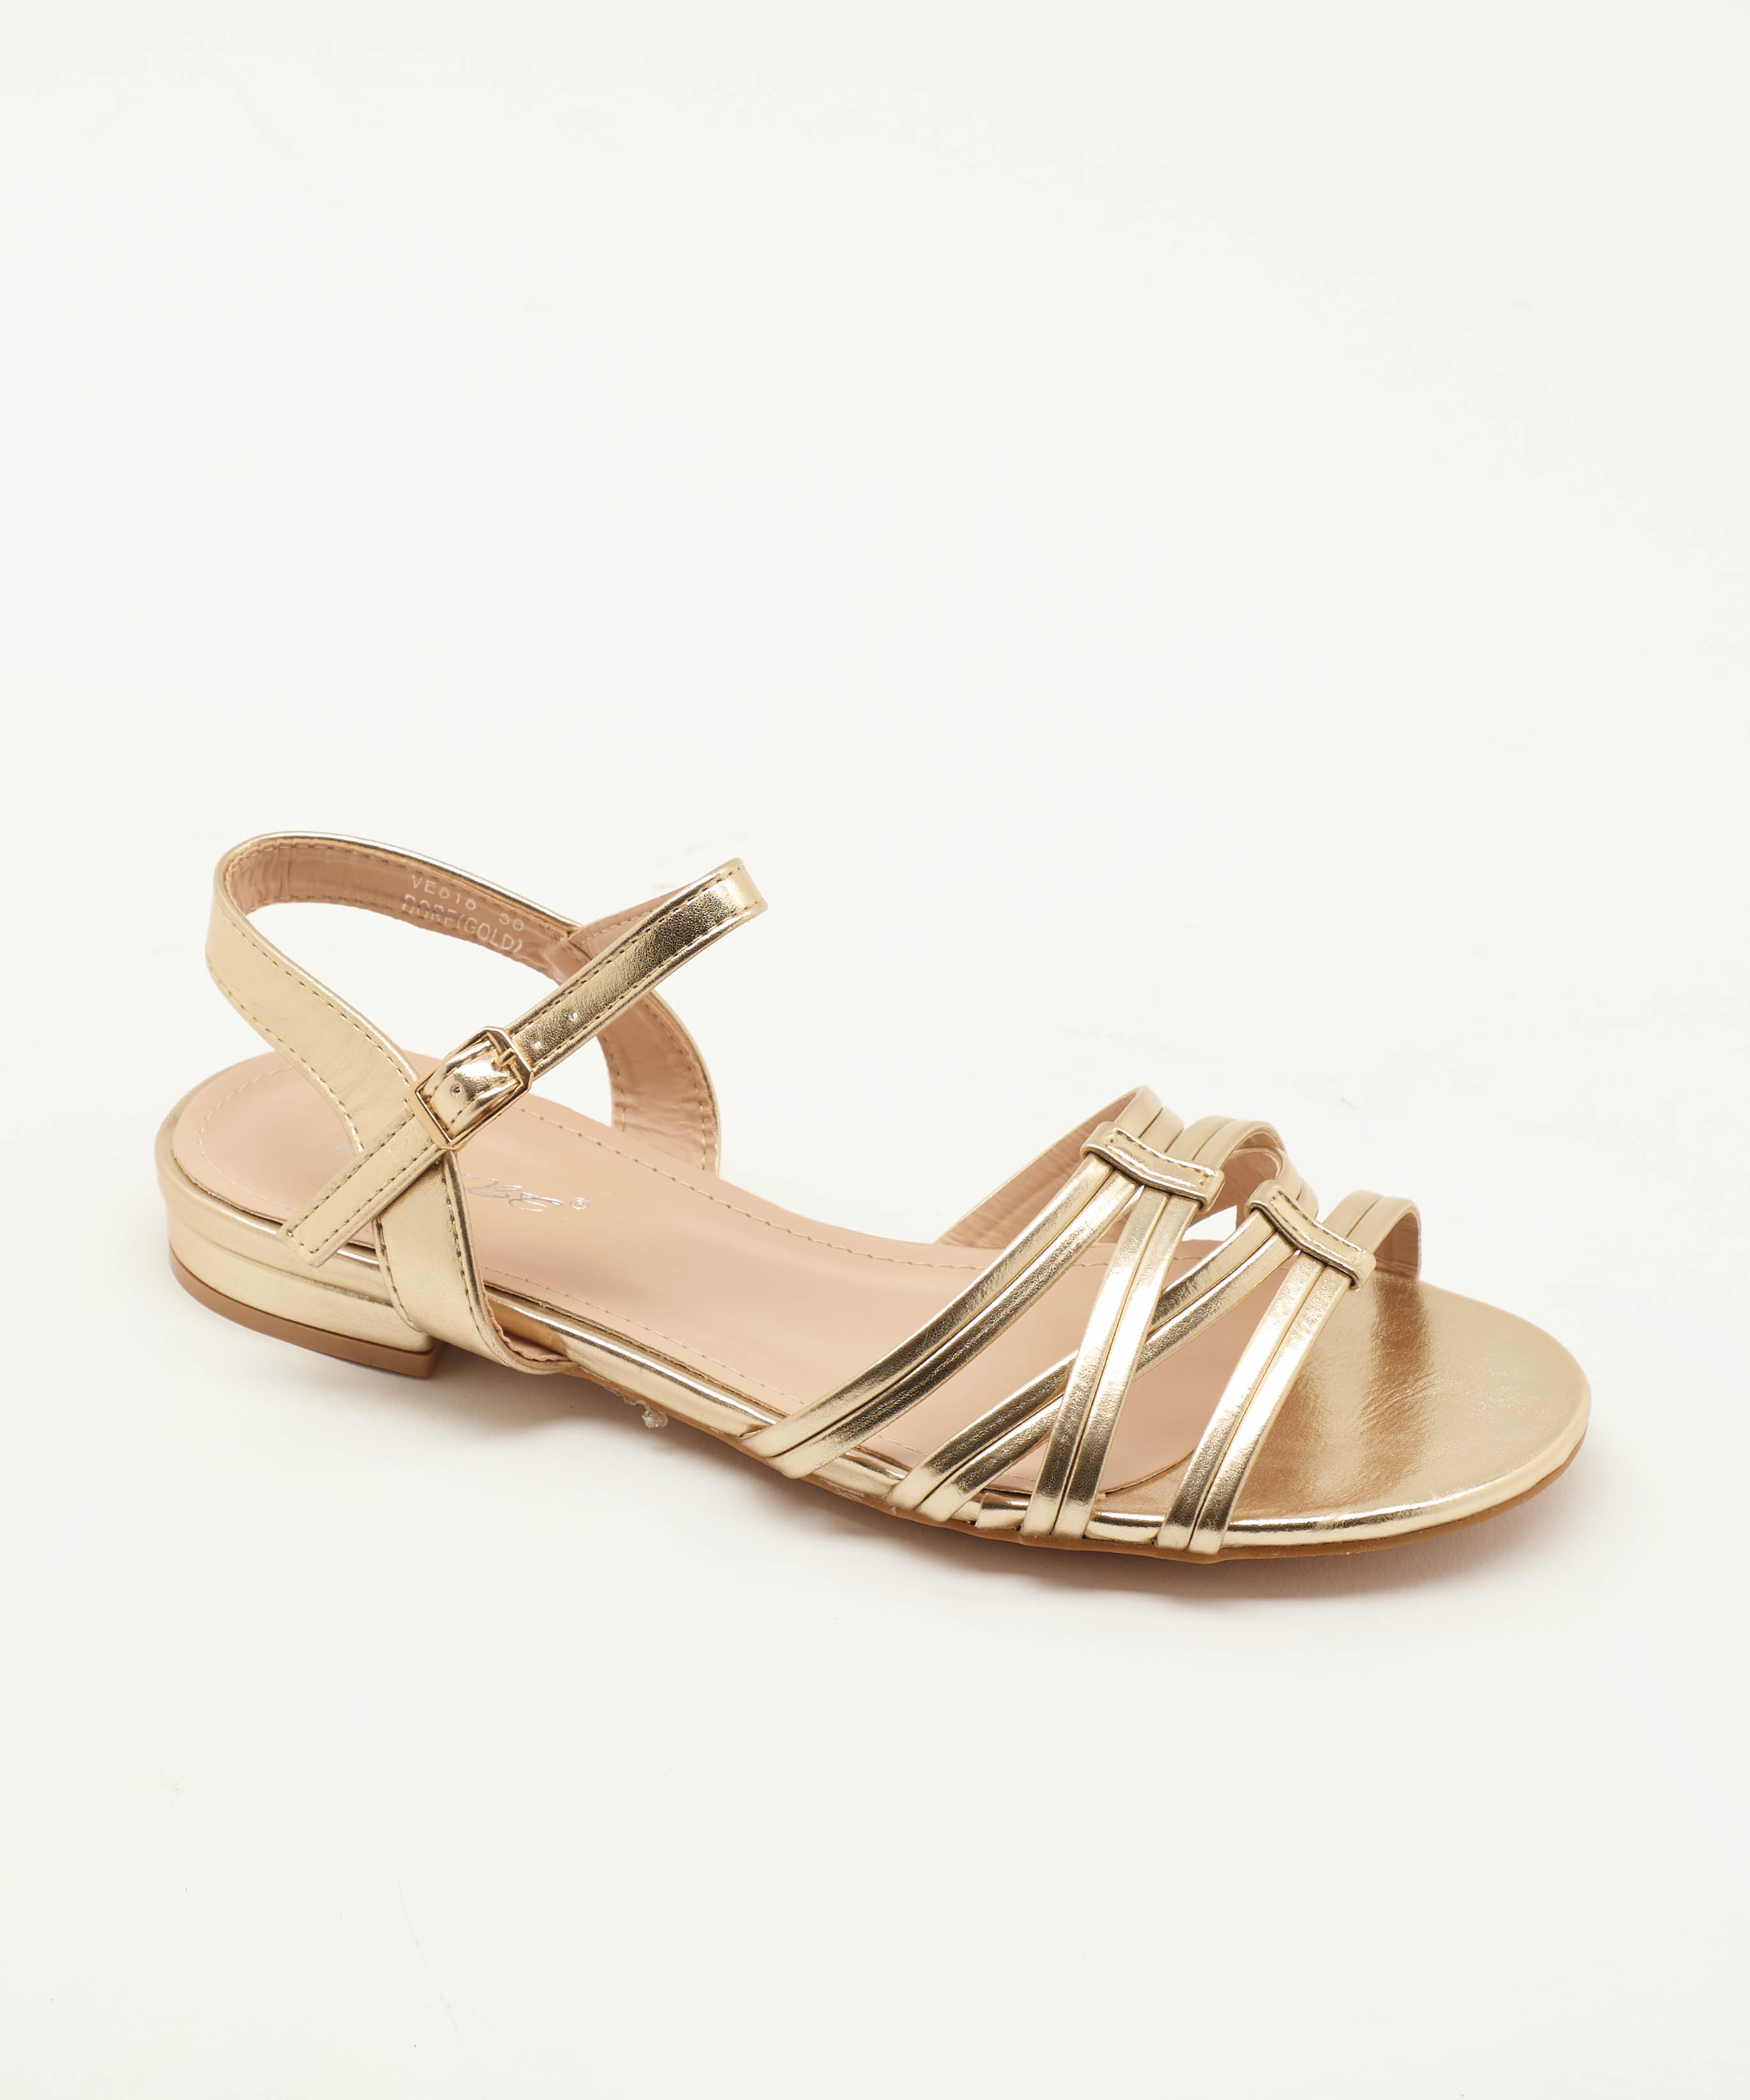 Sandales Plates Femme - Sandale Plate Or Jina - Ve818